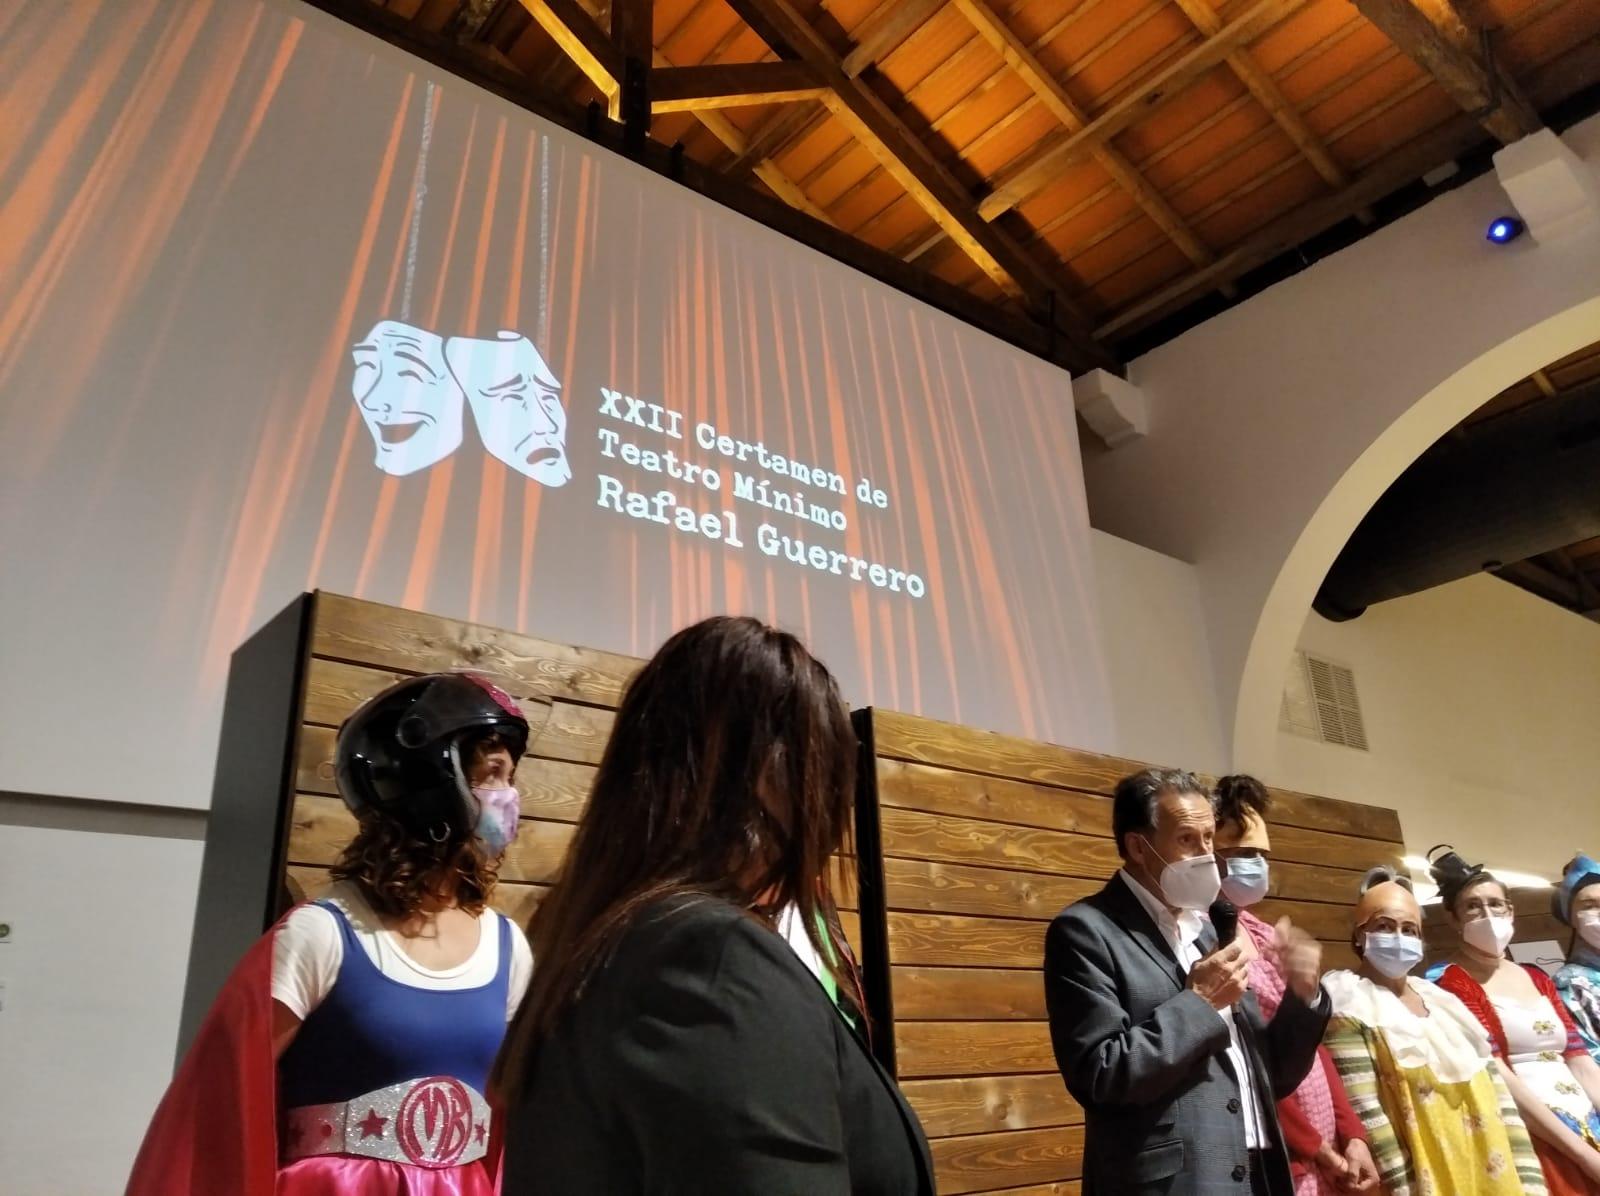 Ganadores XXII Certamen Teatro Mínimo Rafael Guerrero